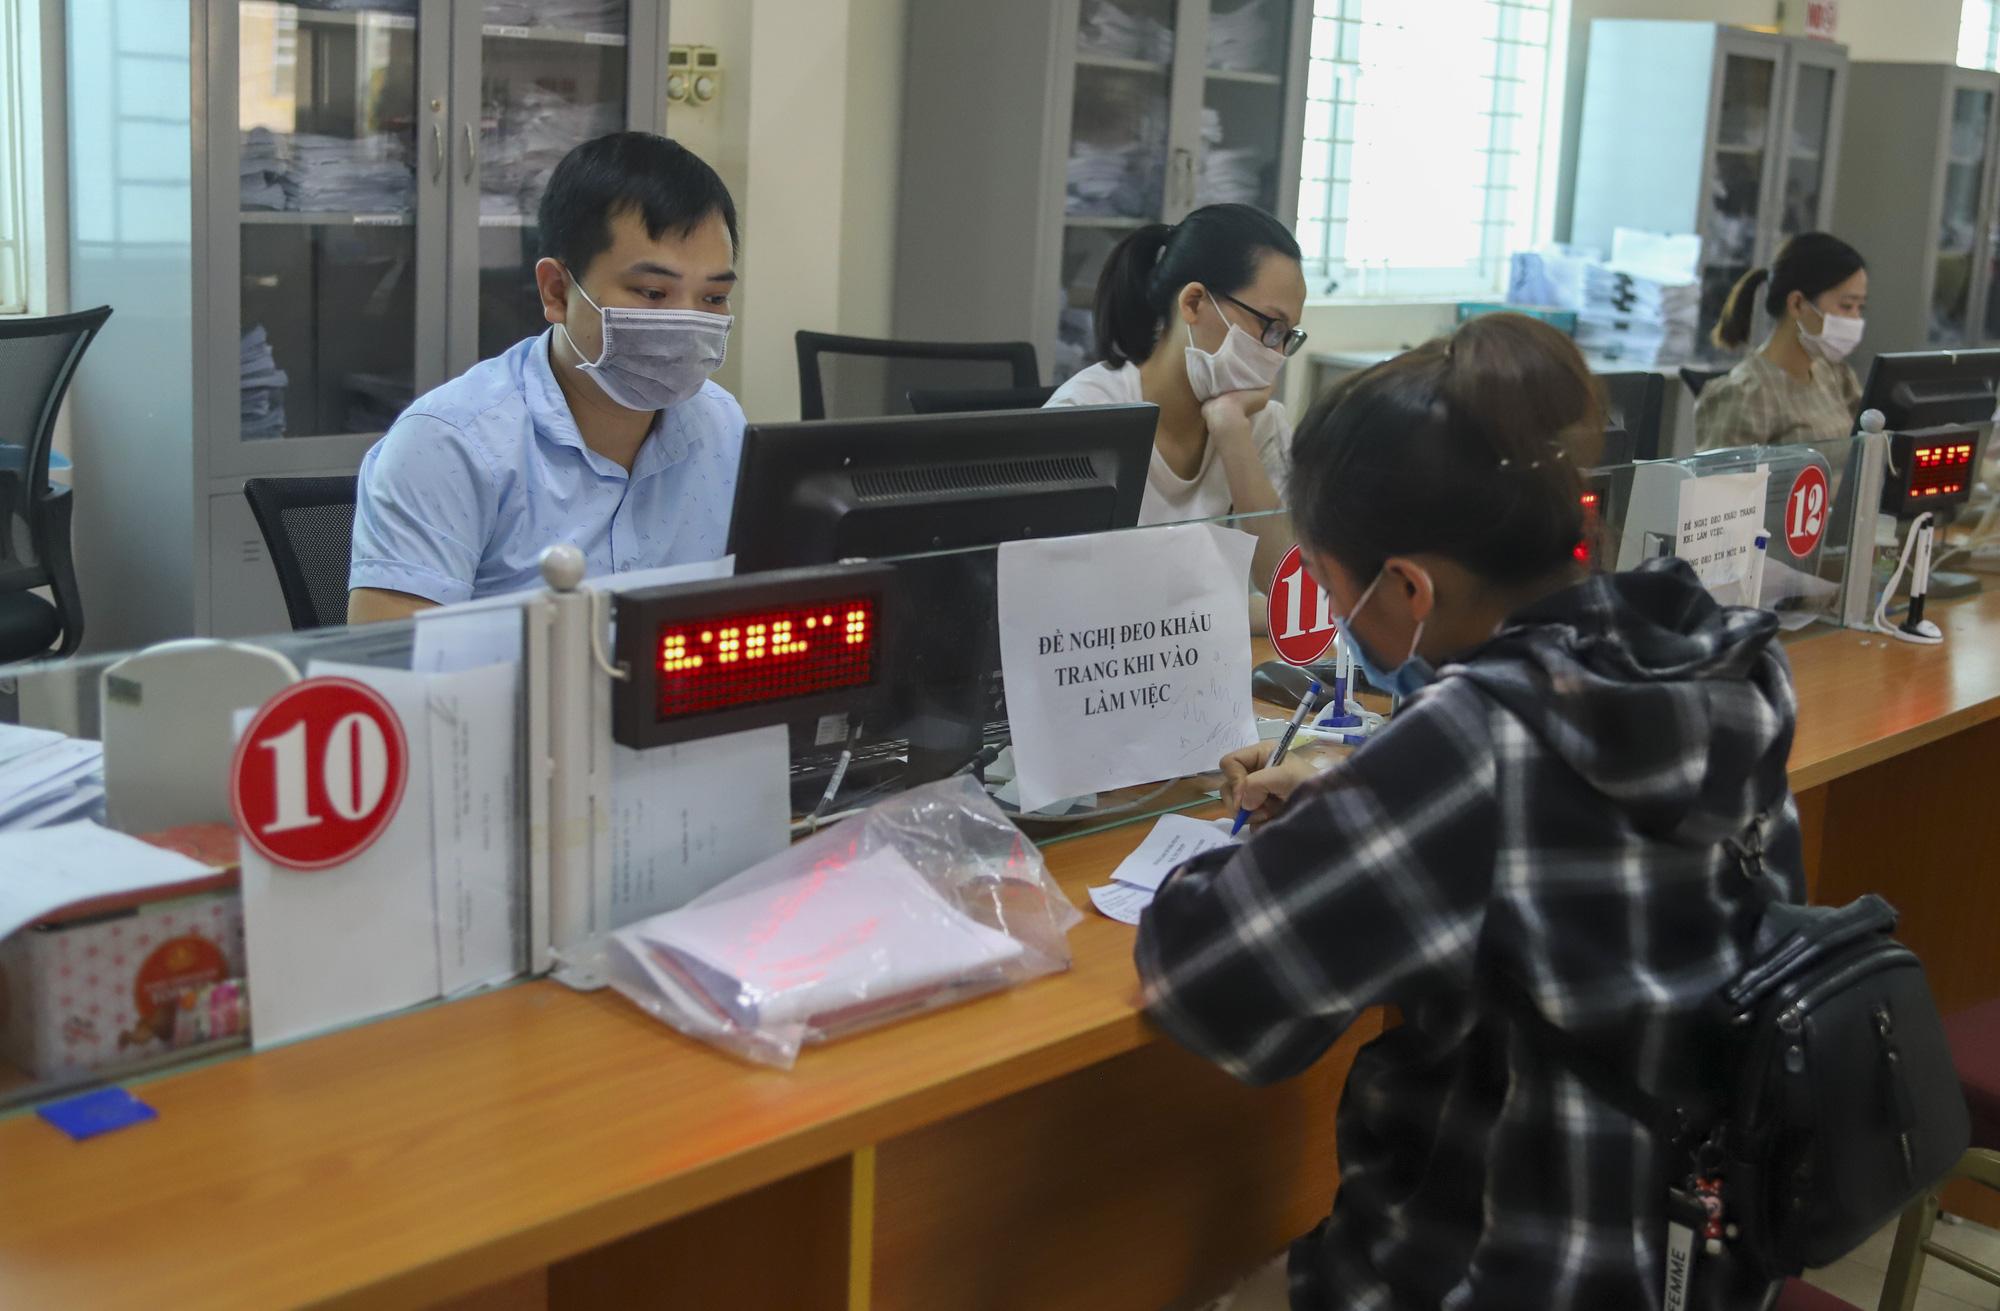 Chính phủ giao Bộ LĐTBXH ban hành quyết định thực hiện nghị quyết 116. Ảnh: Lao động nhận hỗ trợ tại Trung tâm Dịch vụ việc làm tỉnh Thanh Hóa